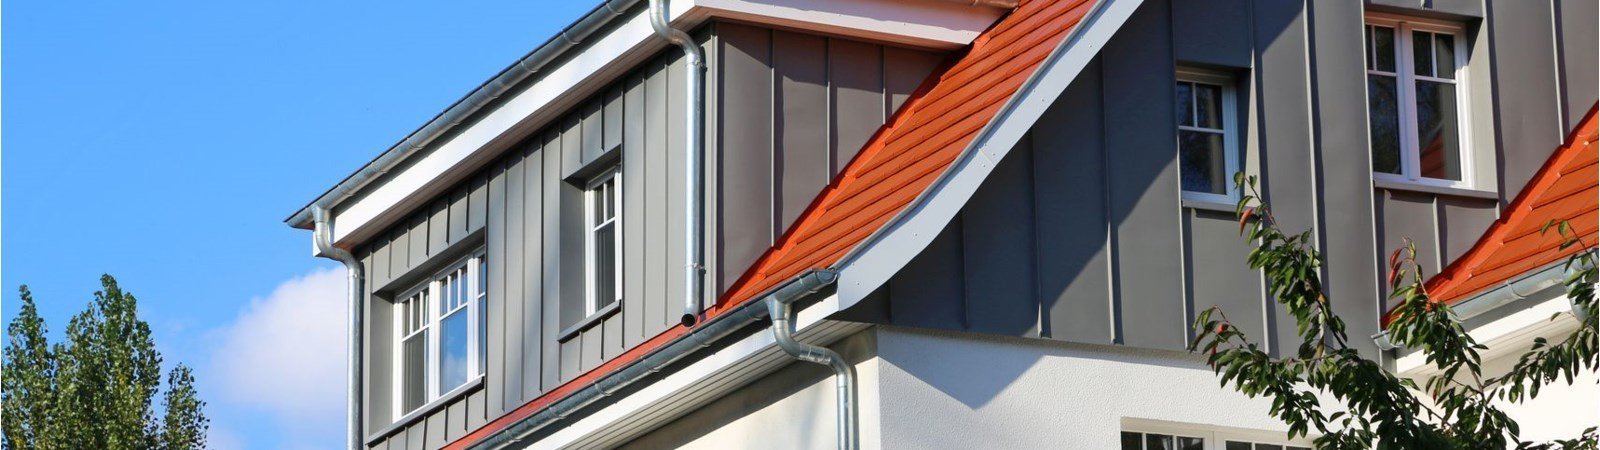 Heizkosten im Einfamilienhaus: Sanieren zahlt sich häufig aus